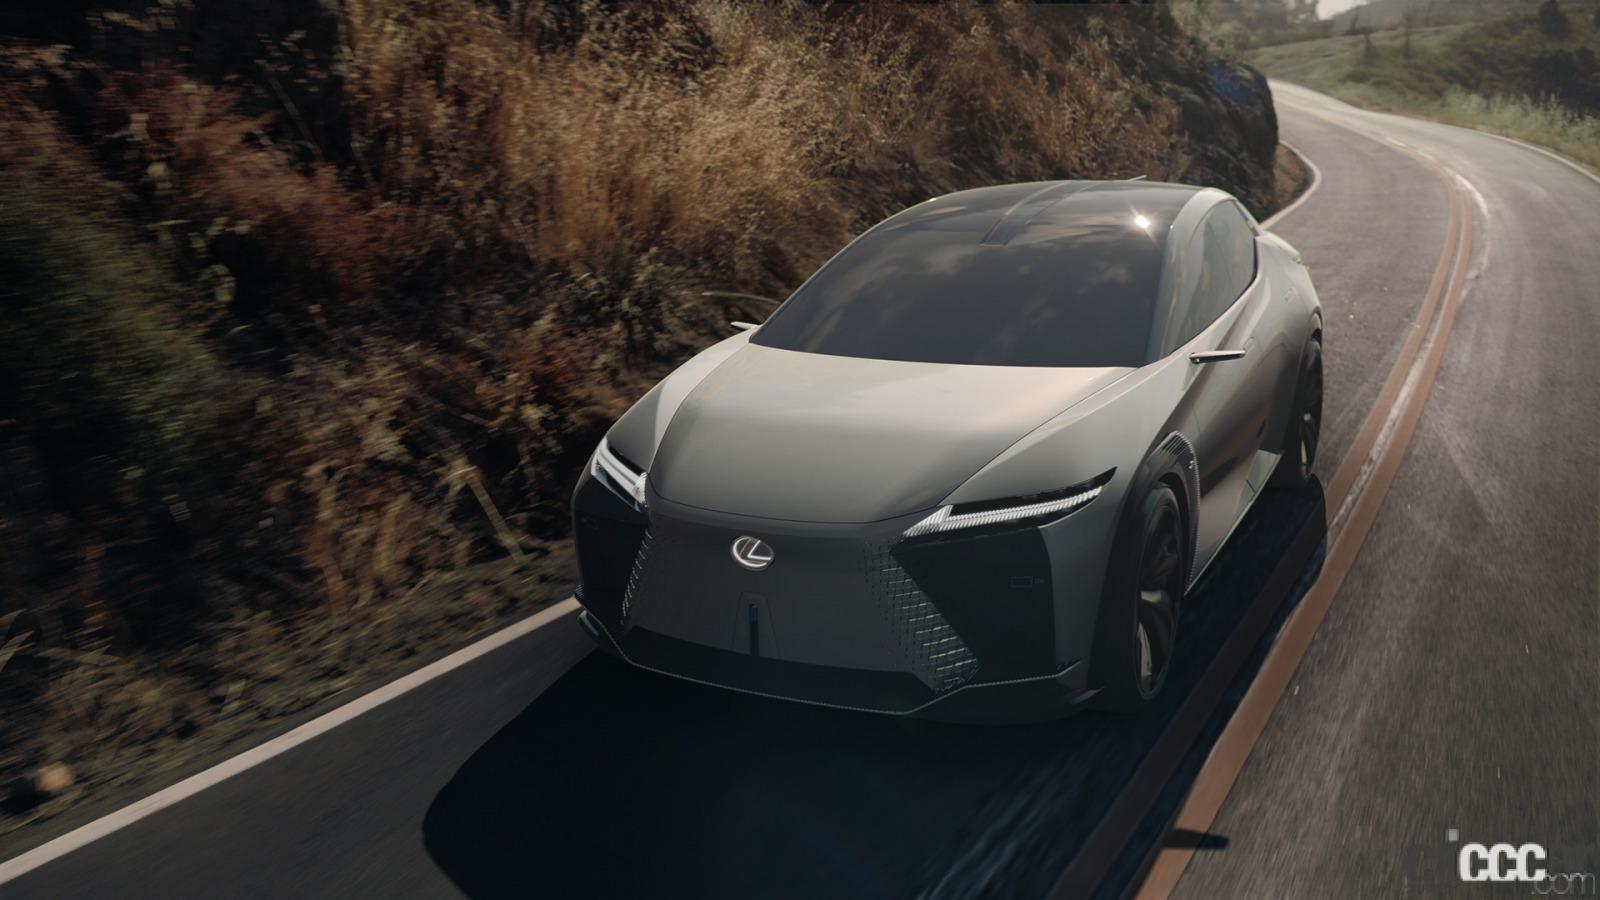 「四輪駆動力制御技術「DIRECT4」などによる自在な「LF-Z Electrified」の走りを支えるブリヂストンのコンセプトタイヤ」の2枚目の画像